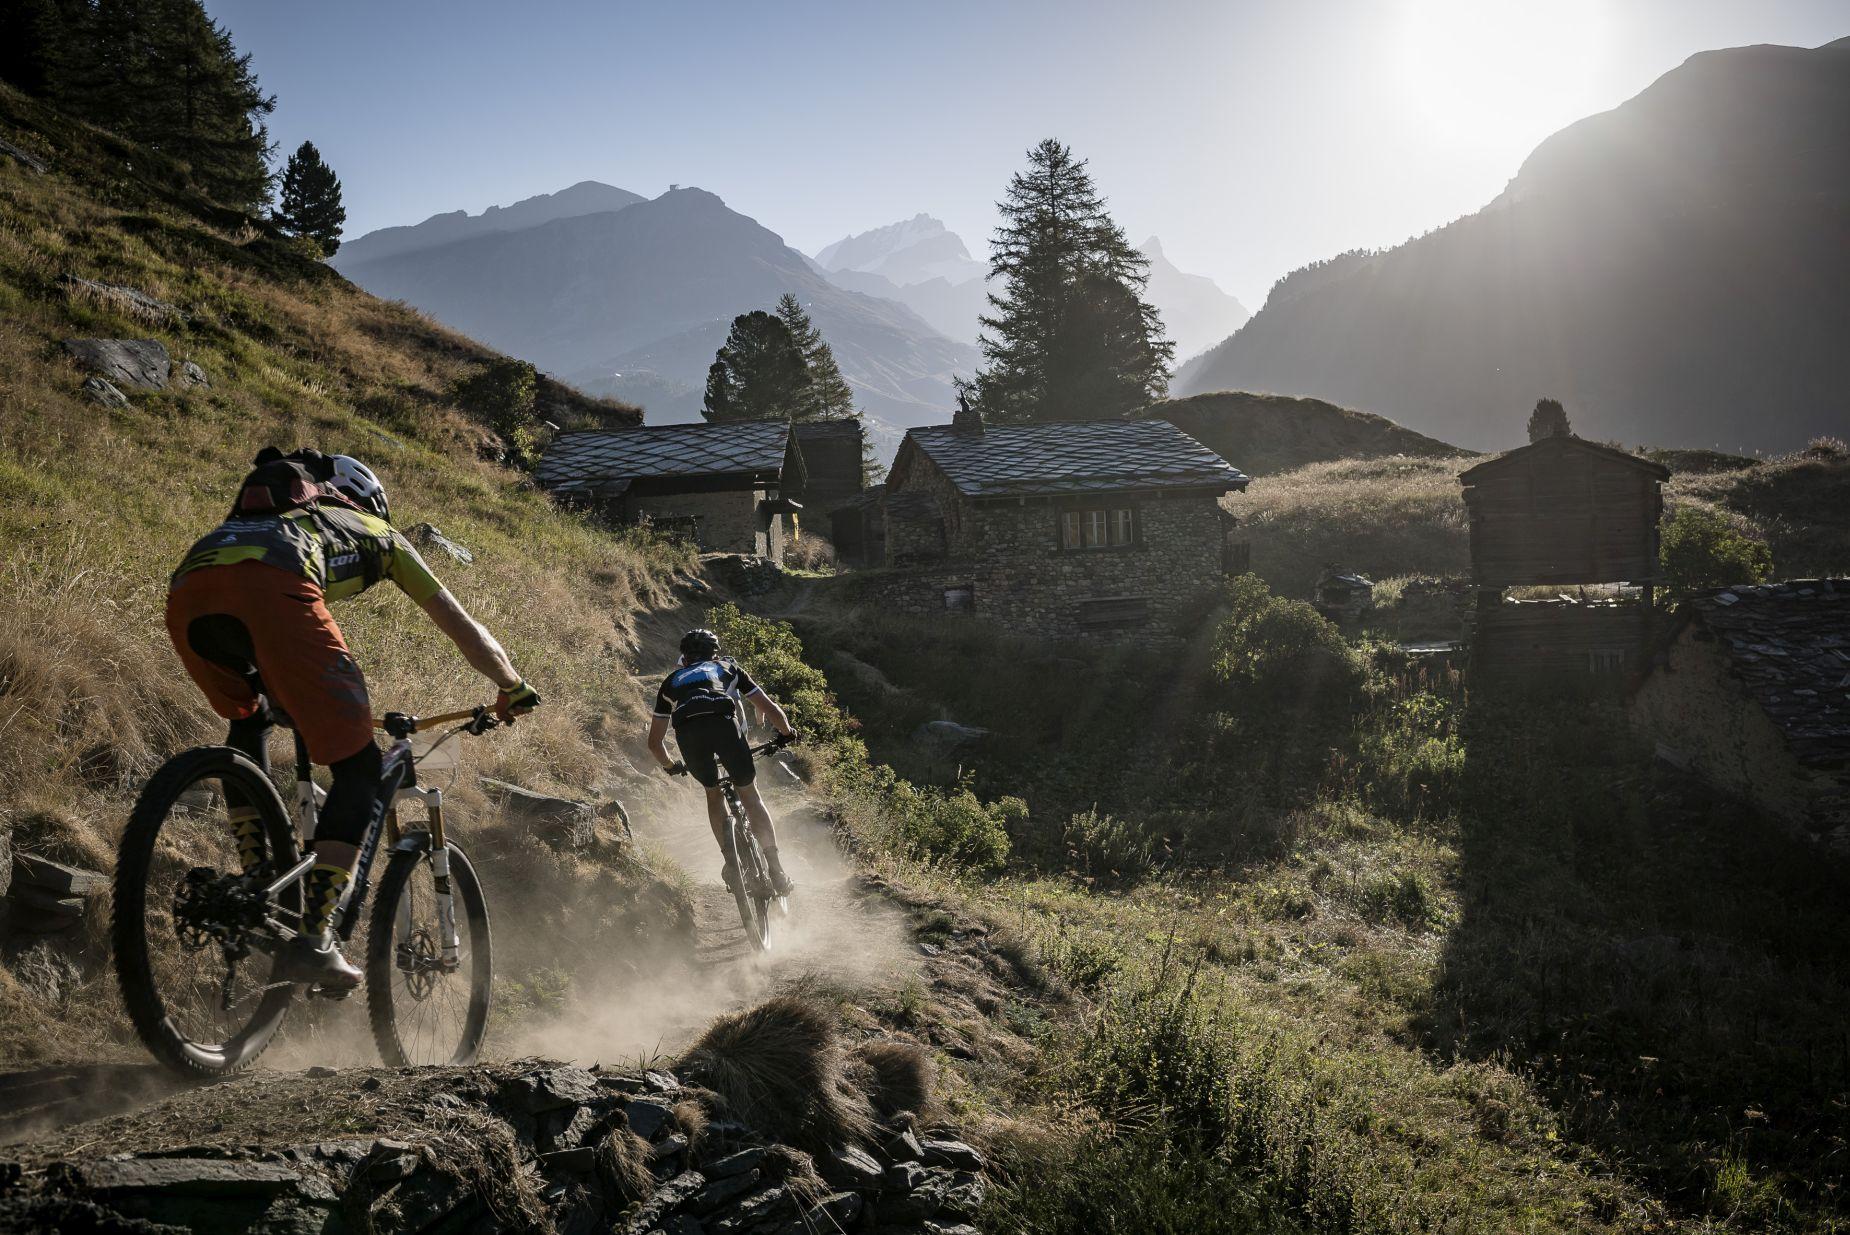 El tiempo está respetando la carrera por ahora. No obstante la región donde se disputa es la más seca de Suiza